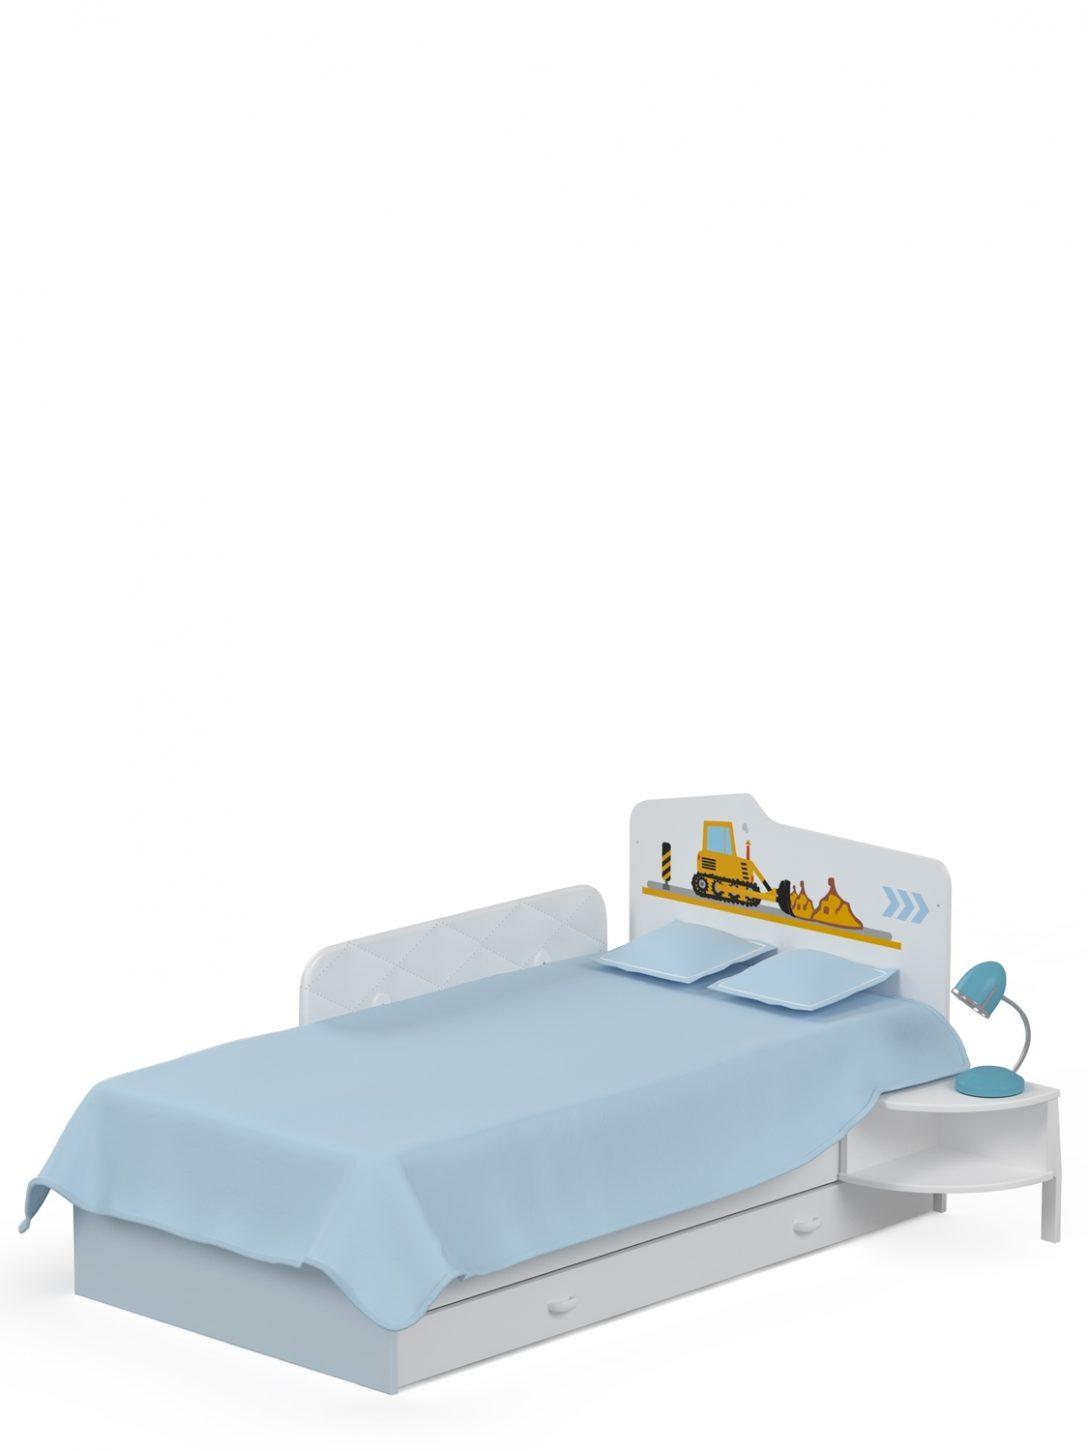 Large Size of Bett 120x190 Builder Meblik Eiche Massiv 180x200 Rausfallschutz Paradies Betten Flexa Feng Shui Im Schrank Hasena 120x200 Weiß De Tojo Ausstellungsstück Dico Bett Bett 120x190